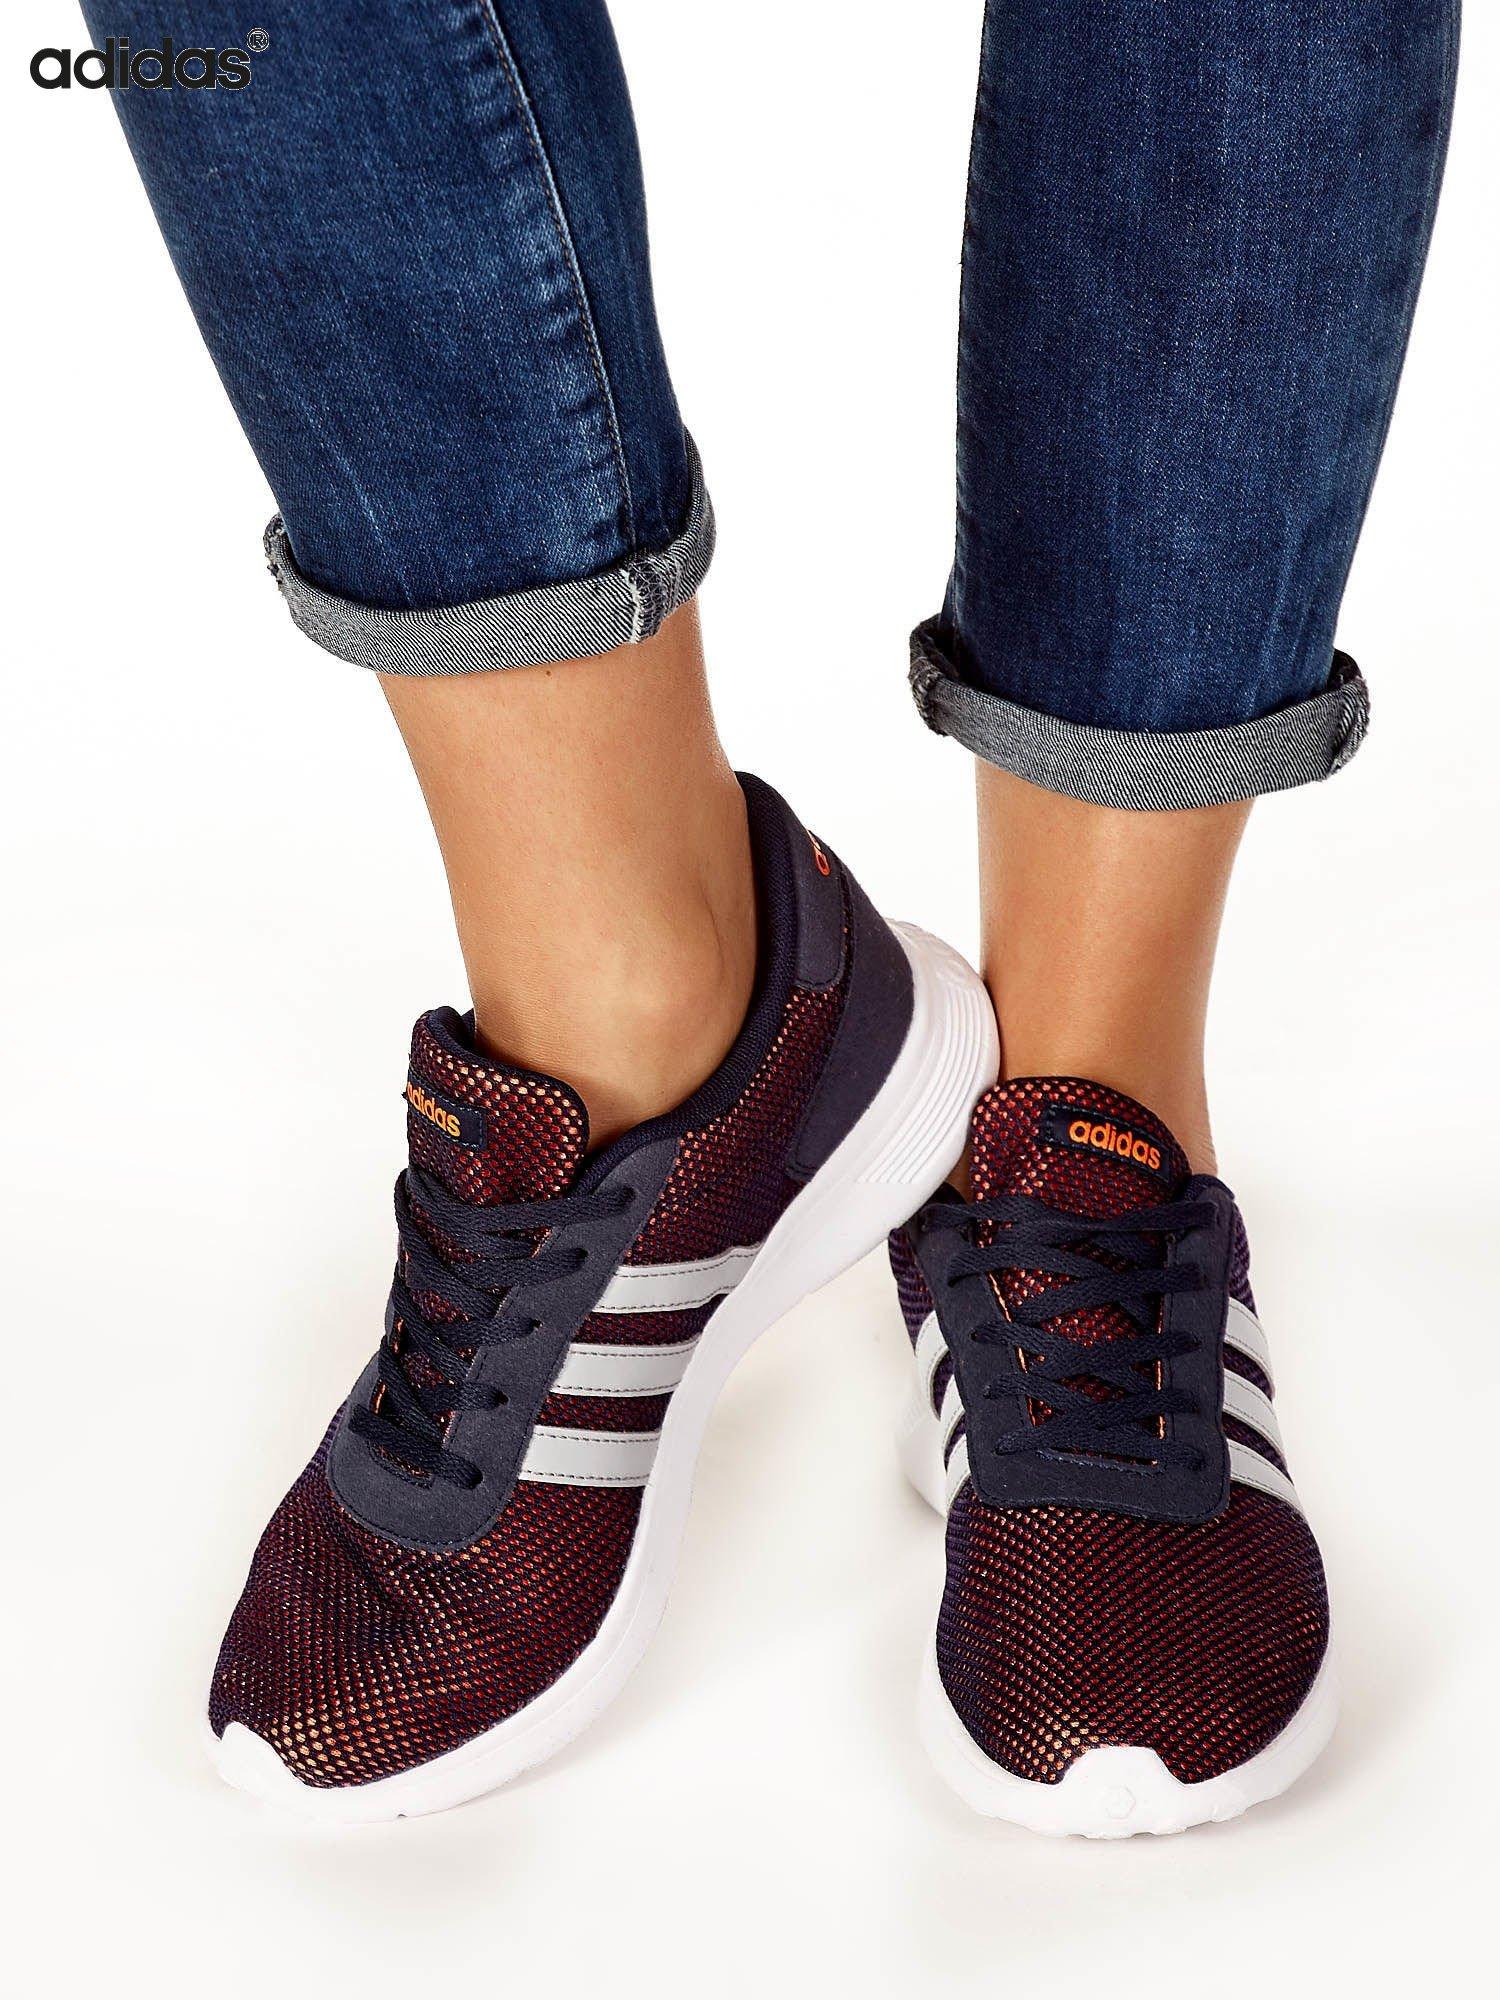 najniższa cena wykwintny styl popularna marka ADIDAS Granatowe siateczkowe buty sportowe damskie